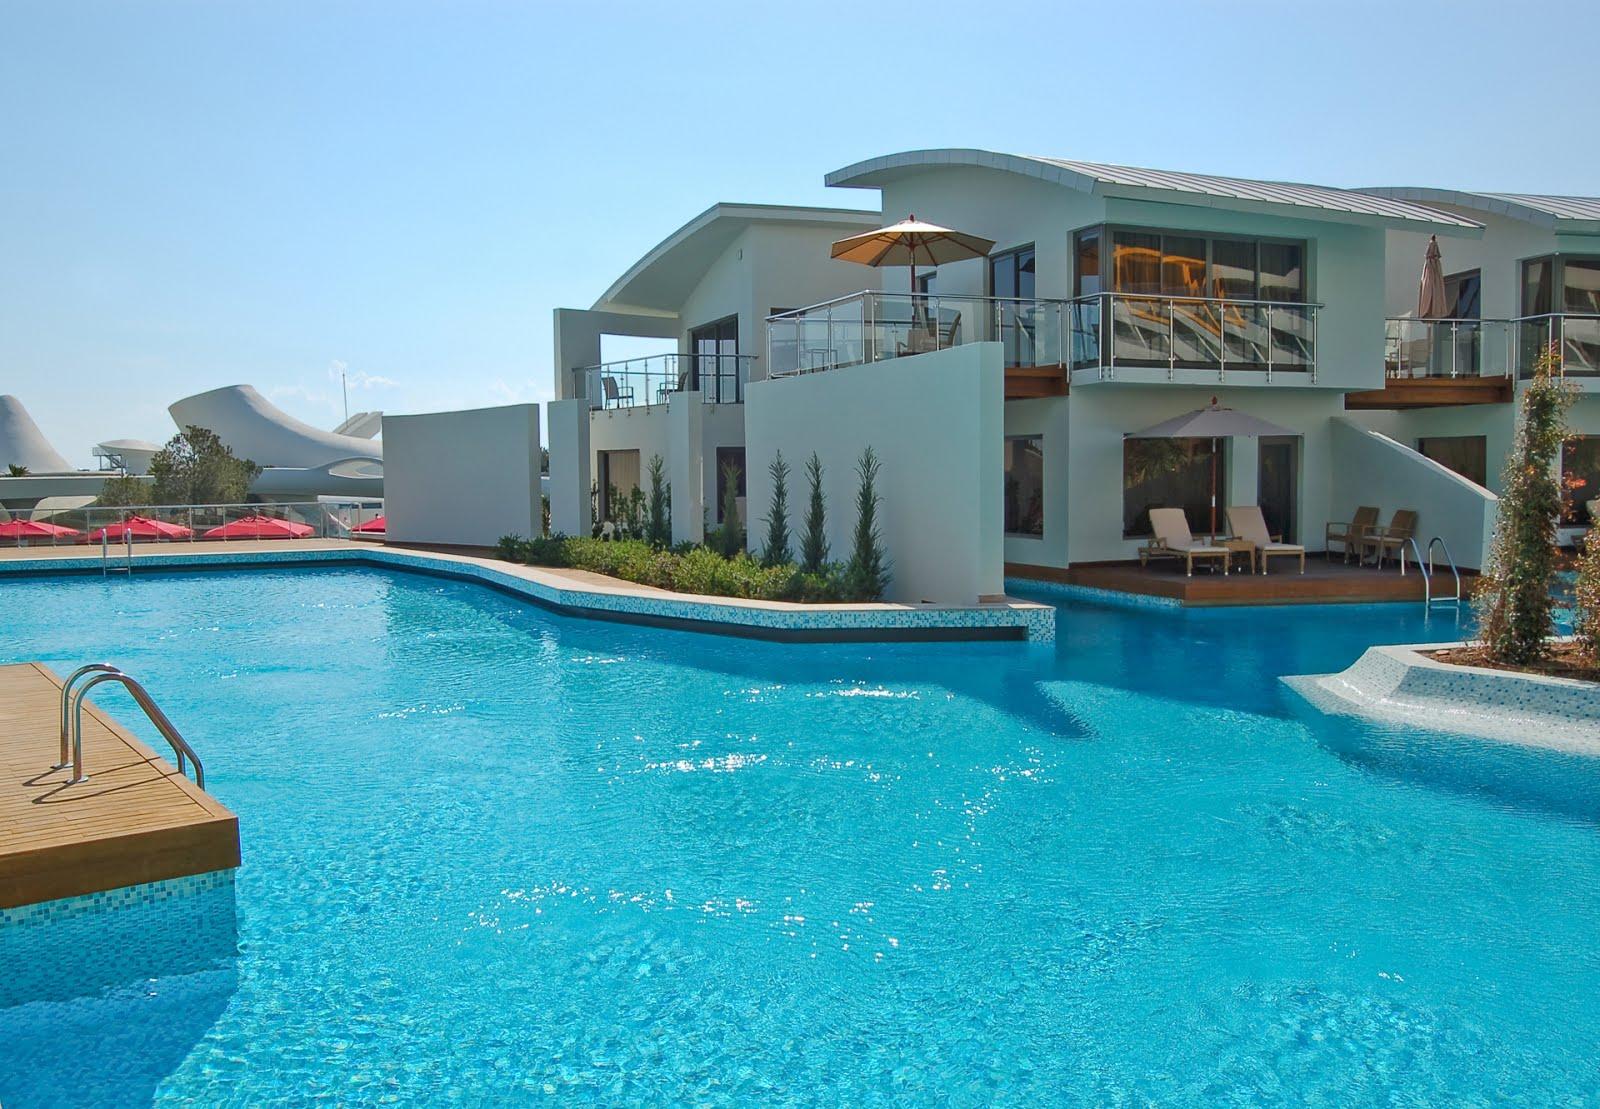 Banco de im genes gratis casa moderna con piscina enorme for Case moderne con piscina